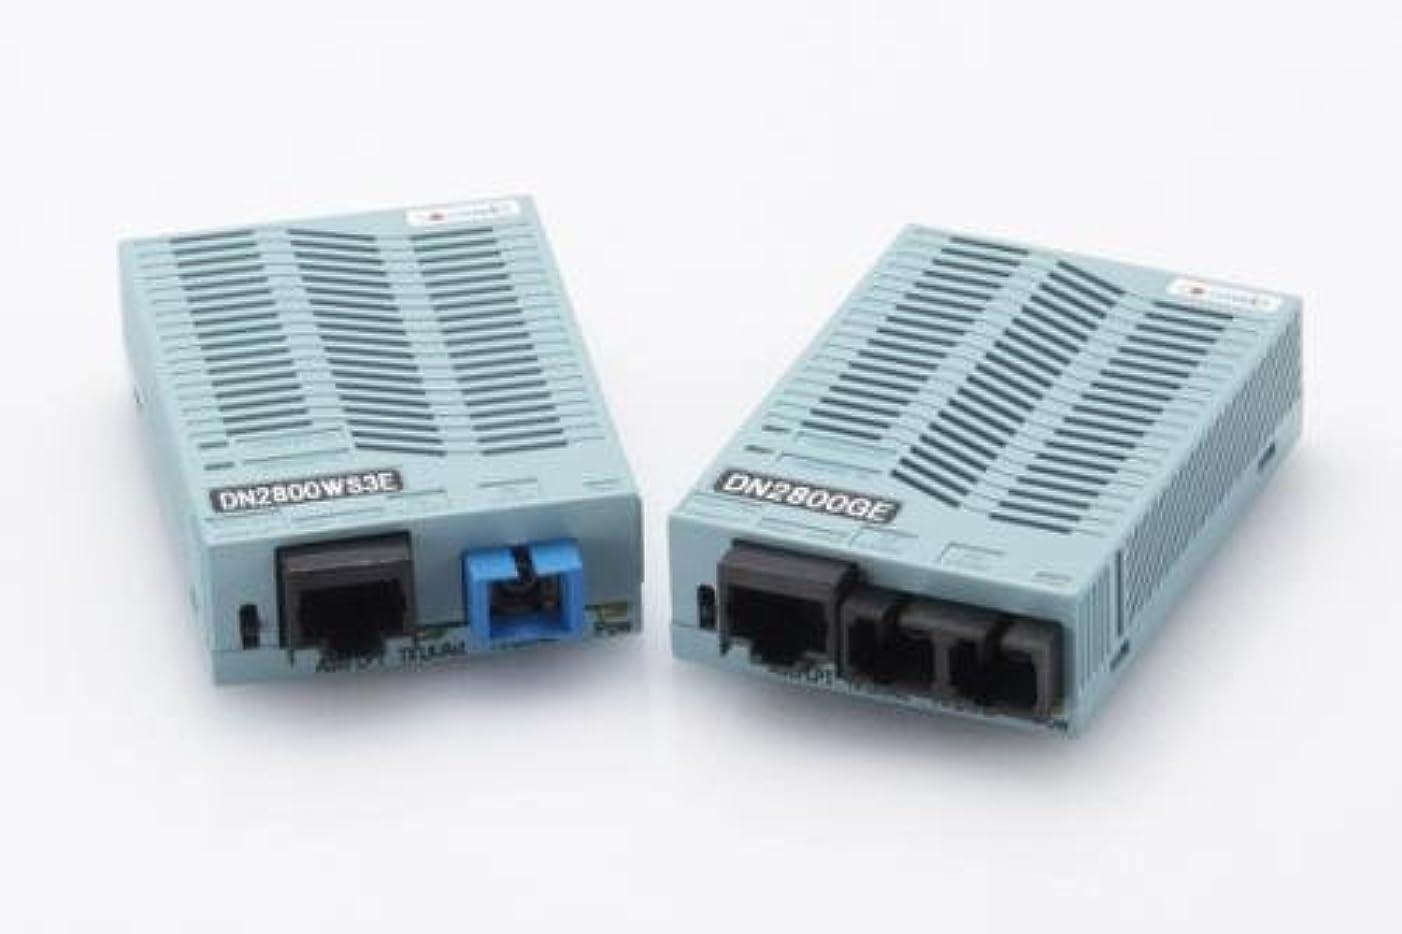 タバコ容器クラブ大電 100BASE-TX/FXメディアコンバータ DN2800SE